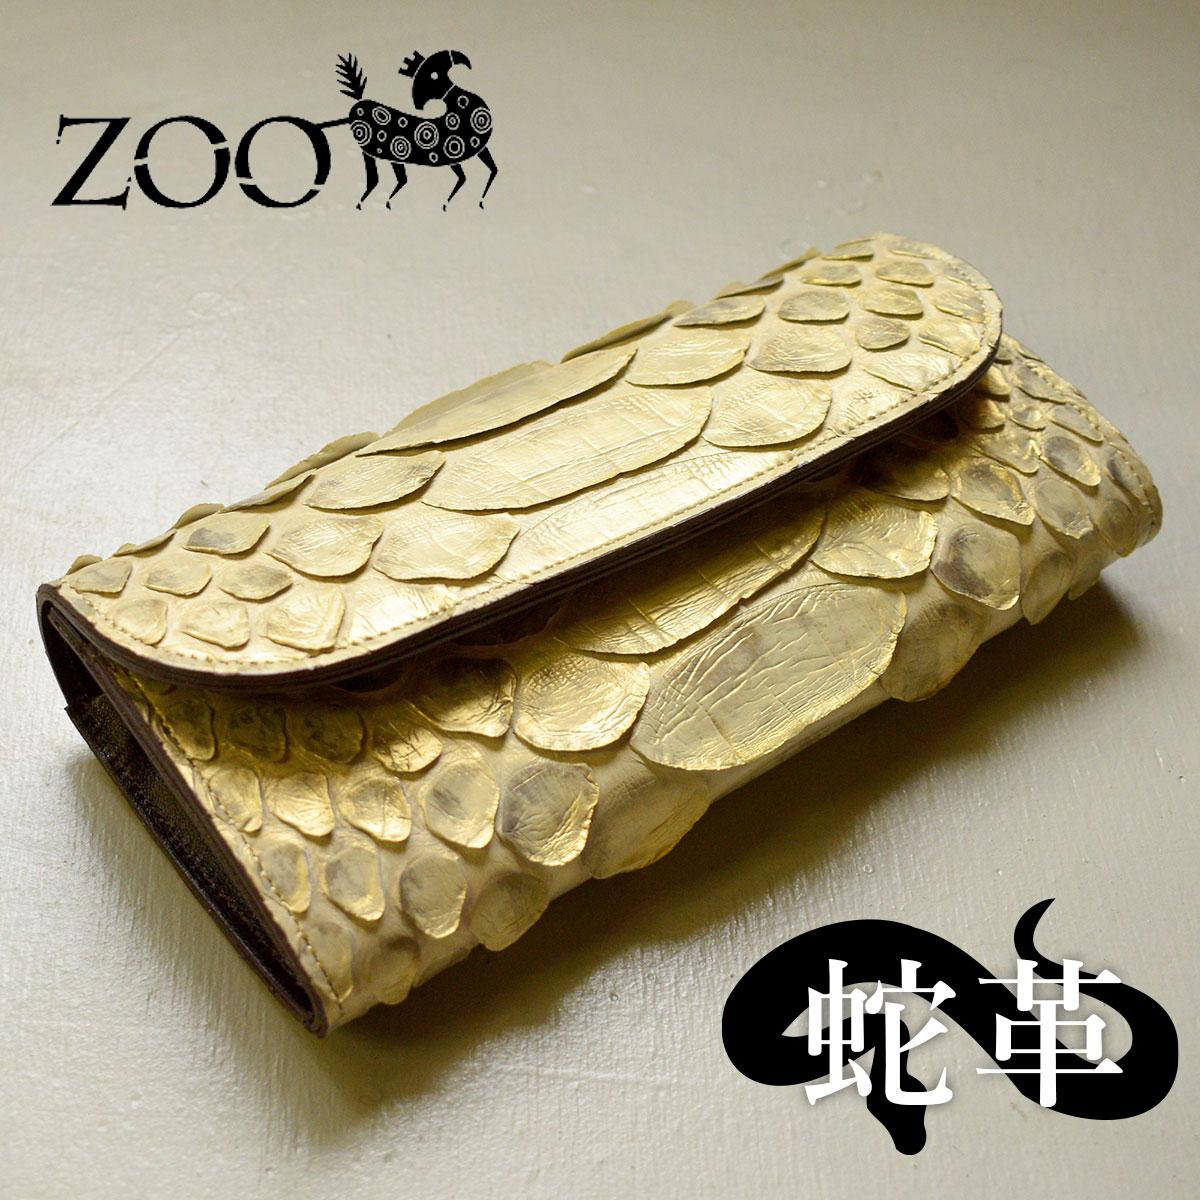 【メッセージカード・ラッピング無料】ZOO(ズー) サーバルウォレット2 大蛇革 ダイヤモンドパイソン メンズ かぶせ長財布 zlw-086 ゴールド